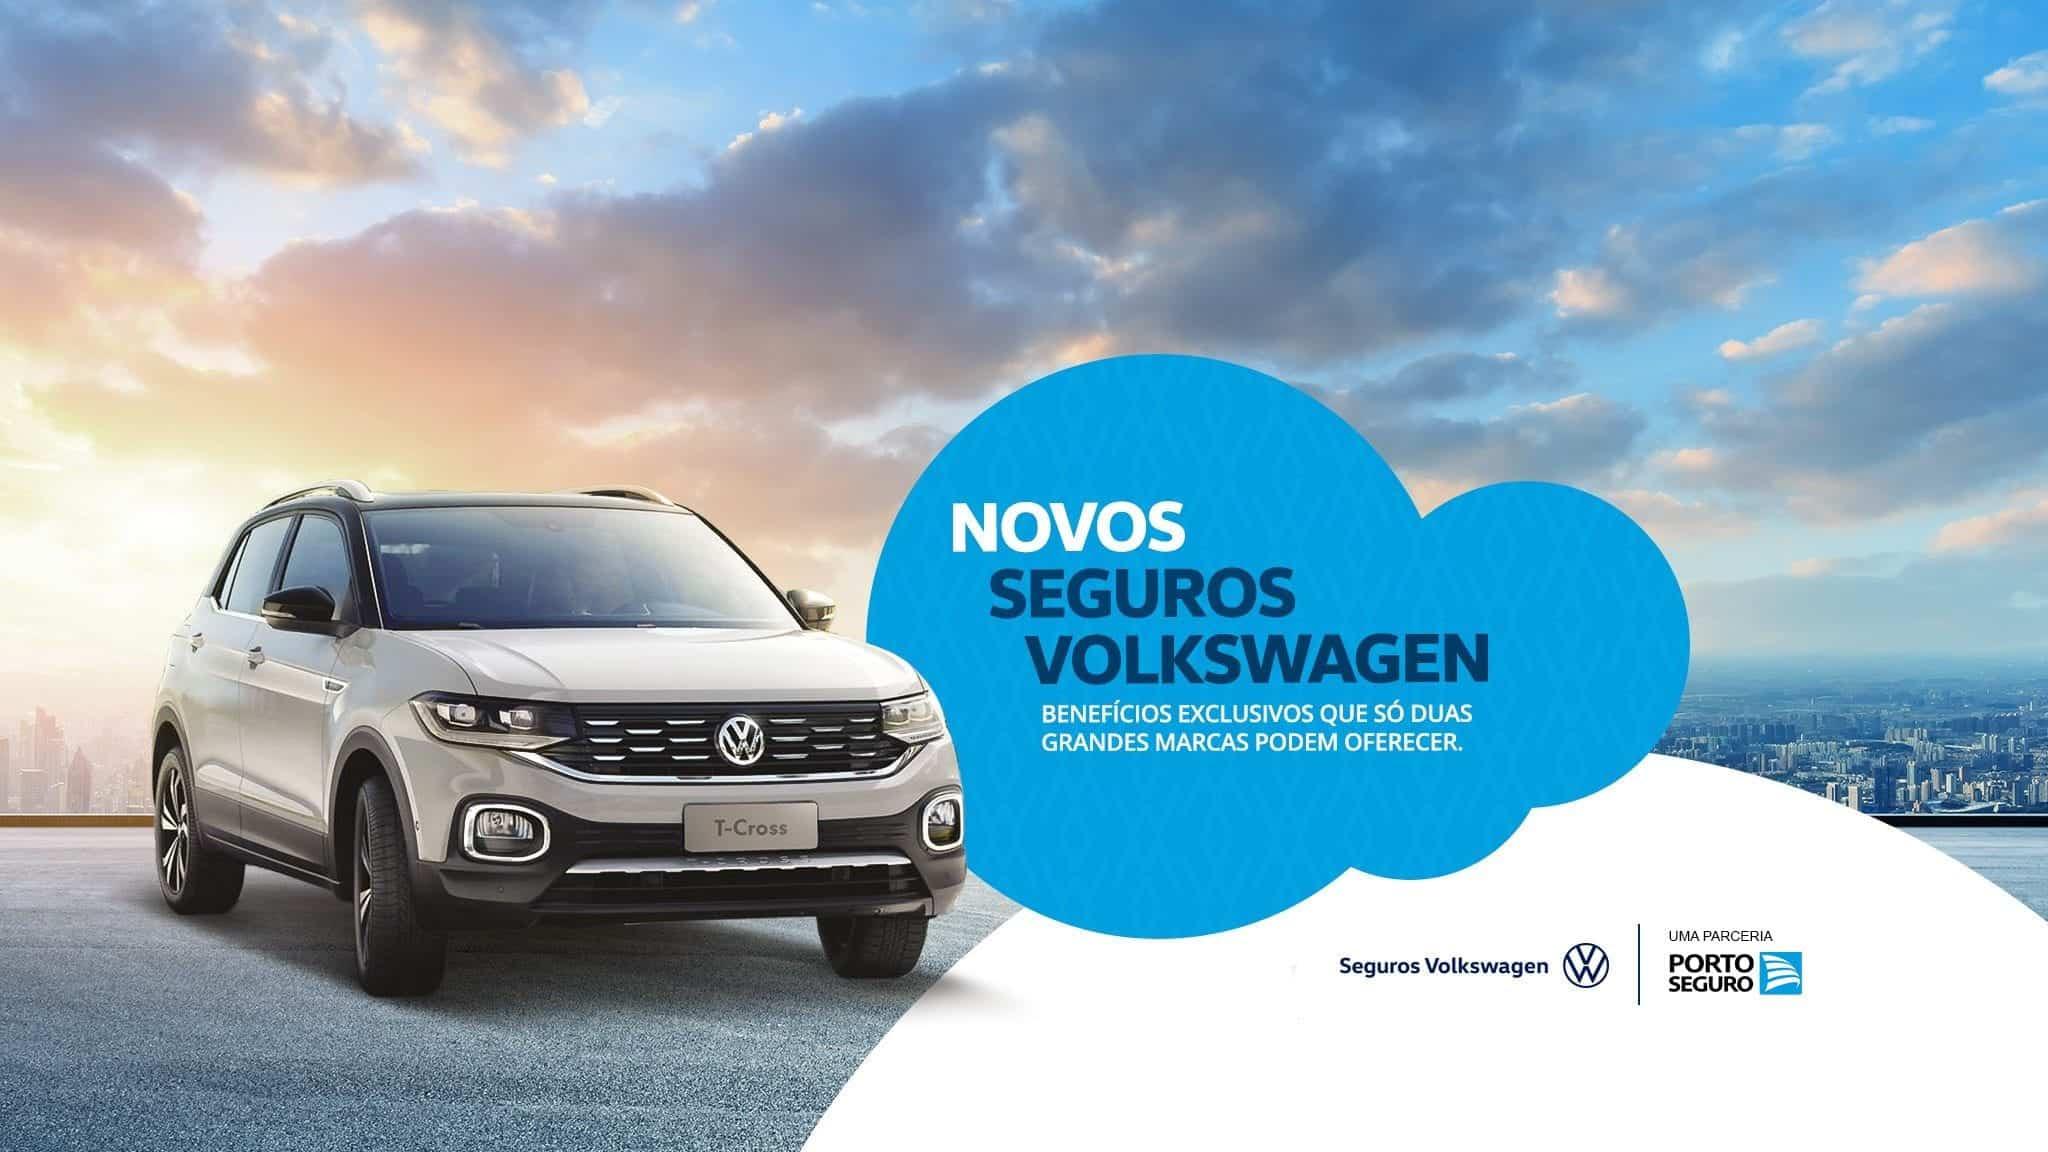 Seguros Volkswagen - Dirmave Volkswagen